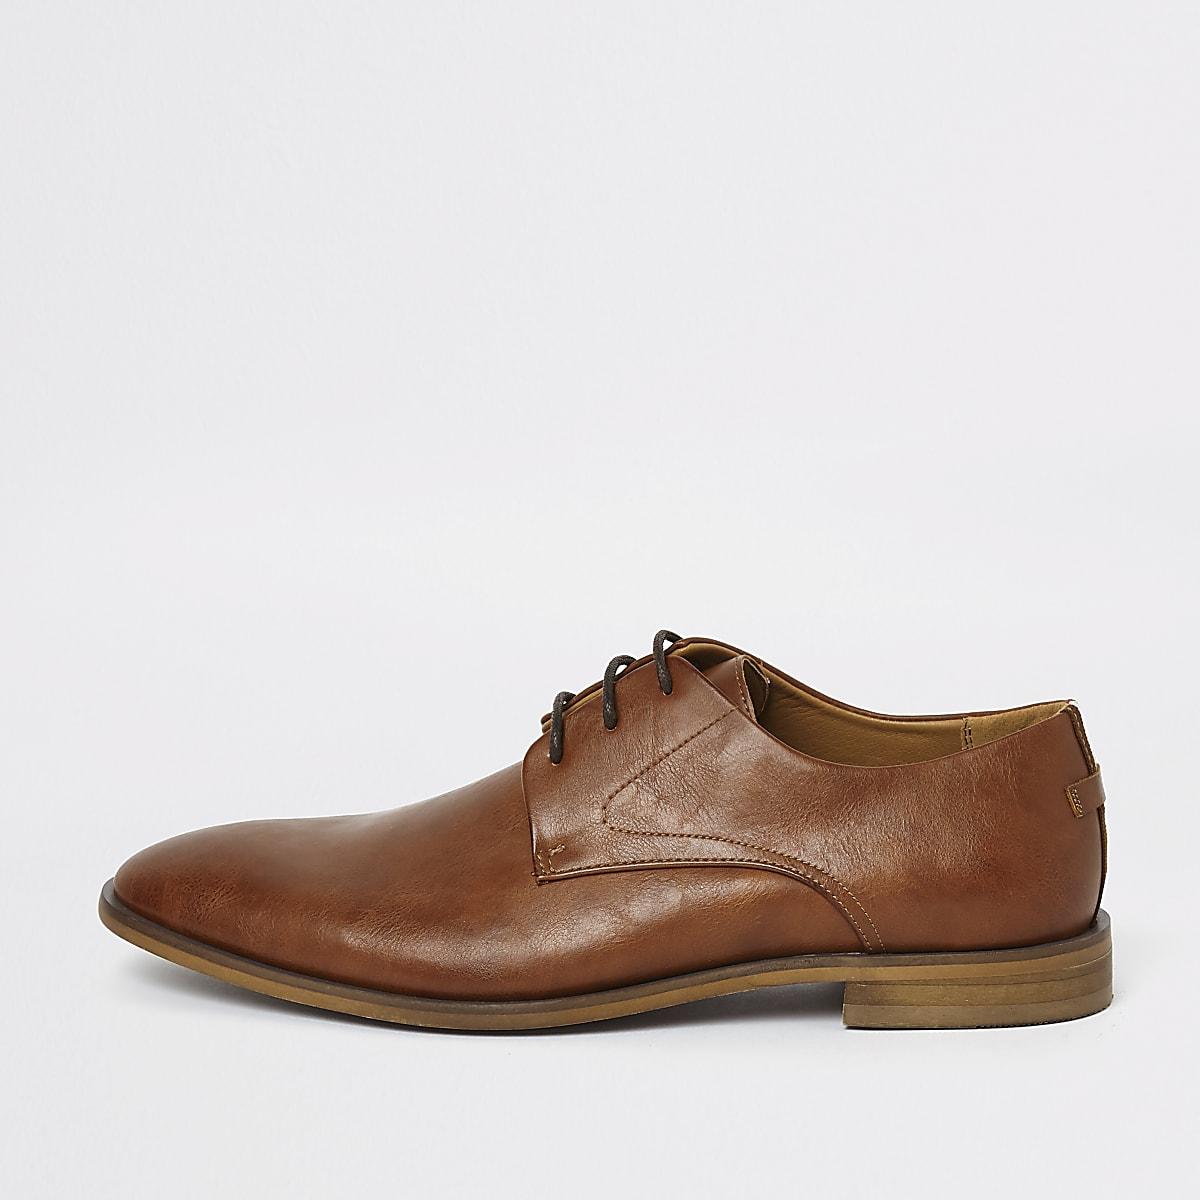 Chaussures Derby marron à bandes et lacets